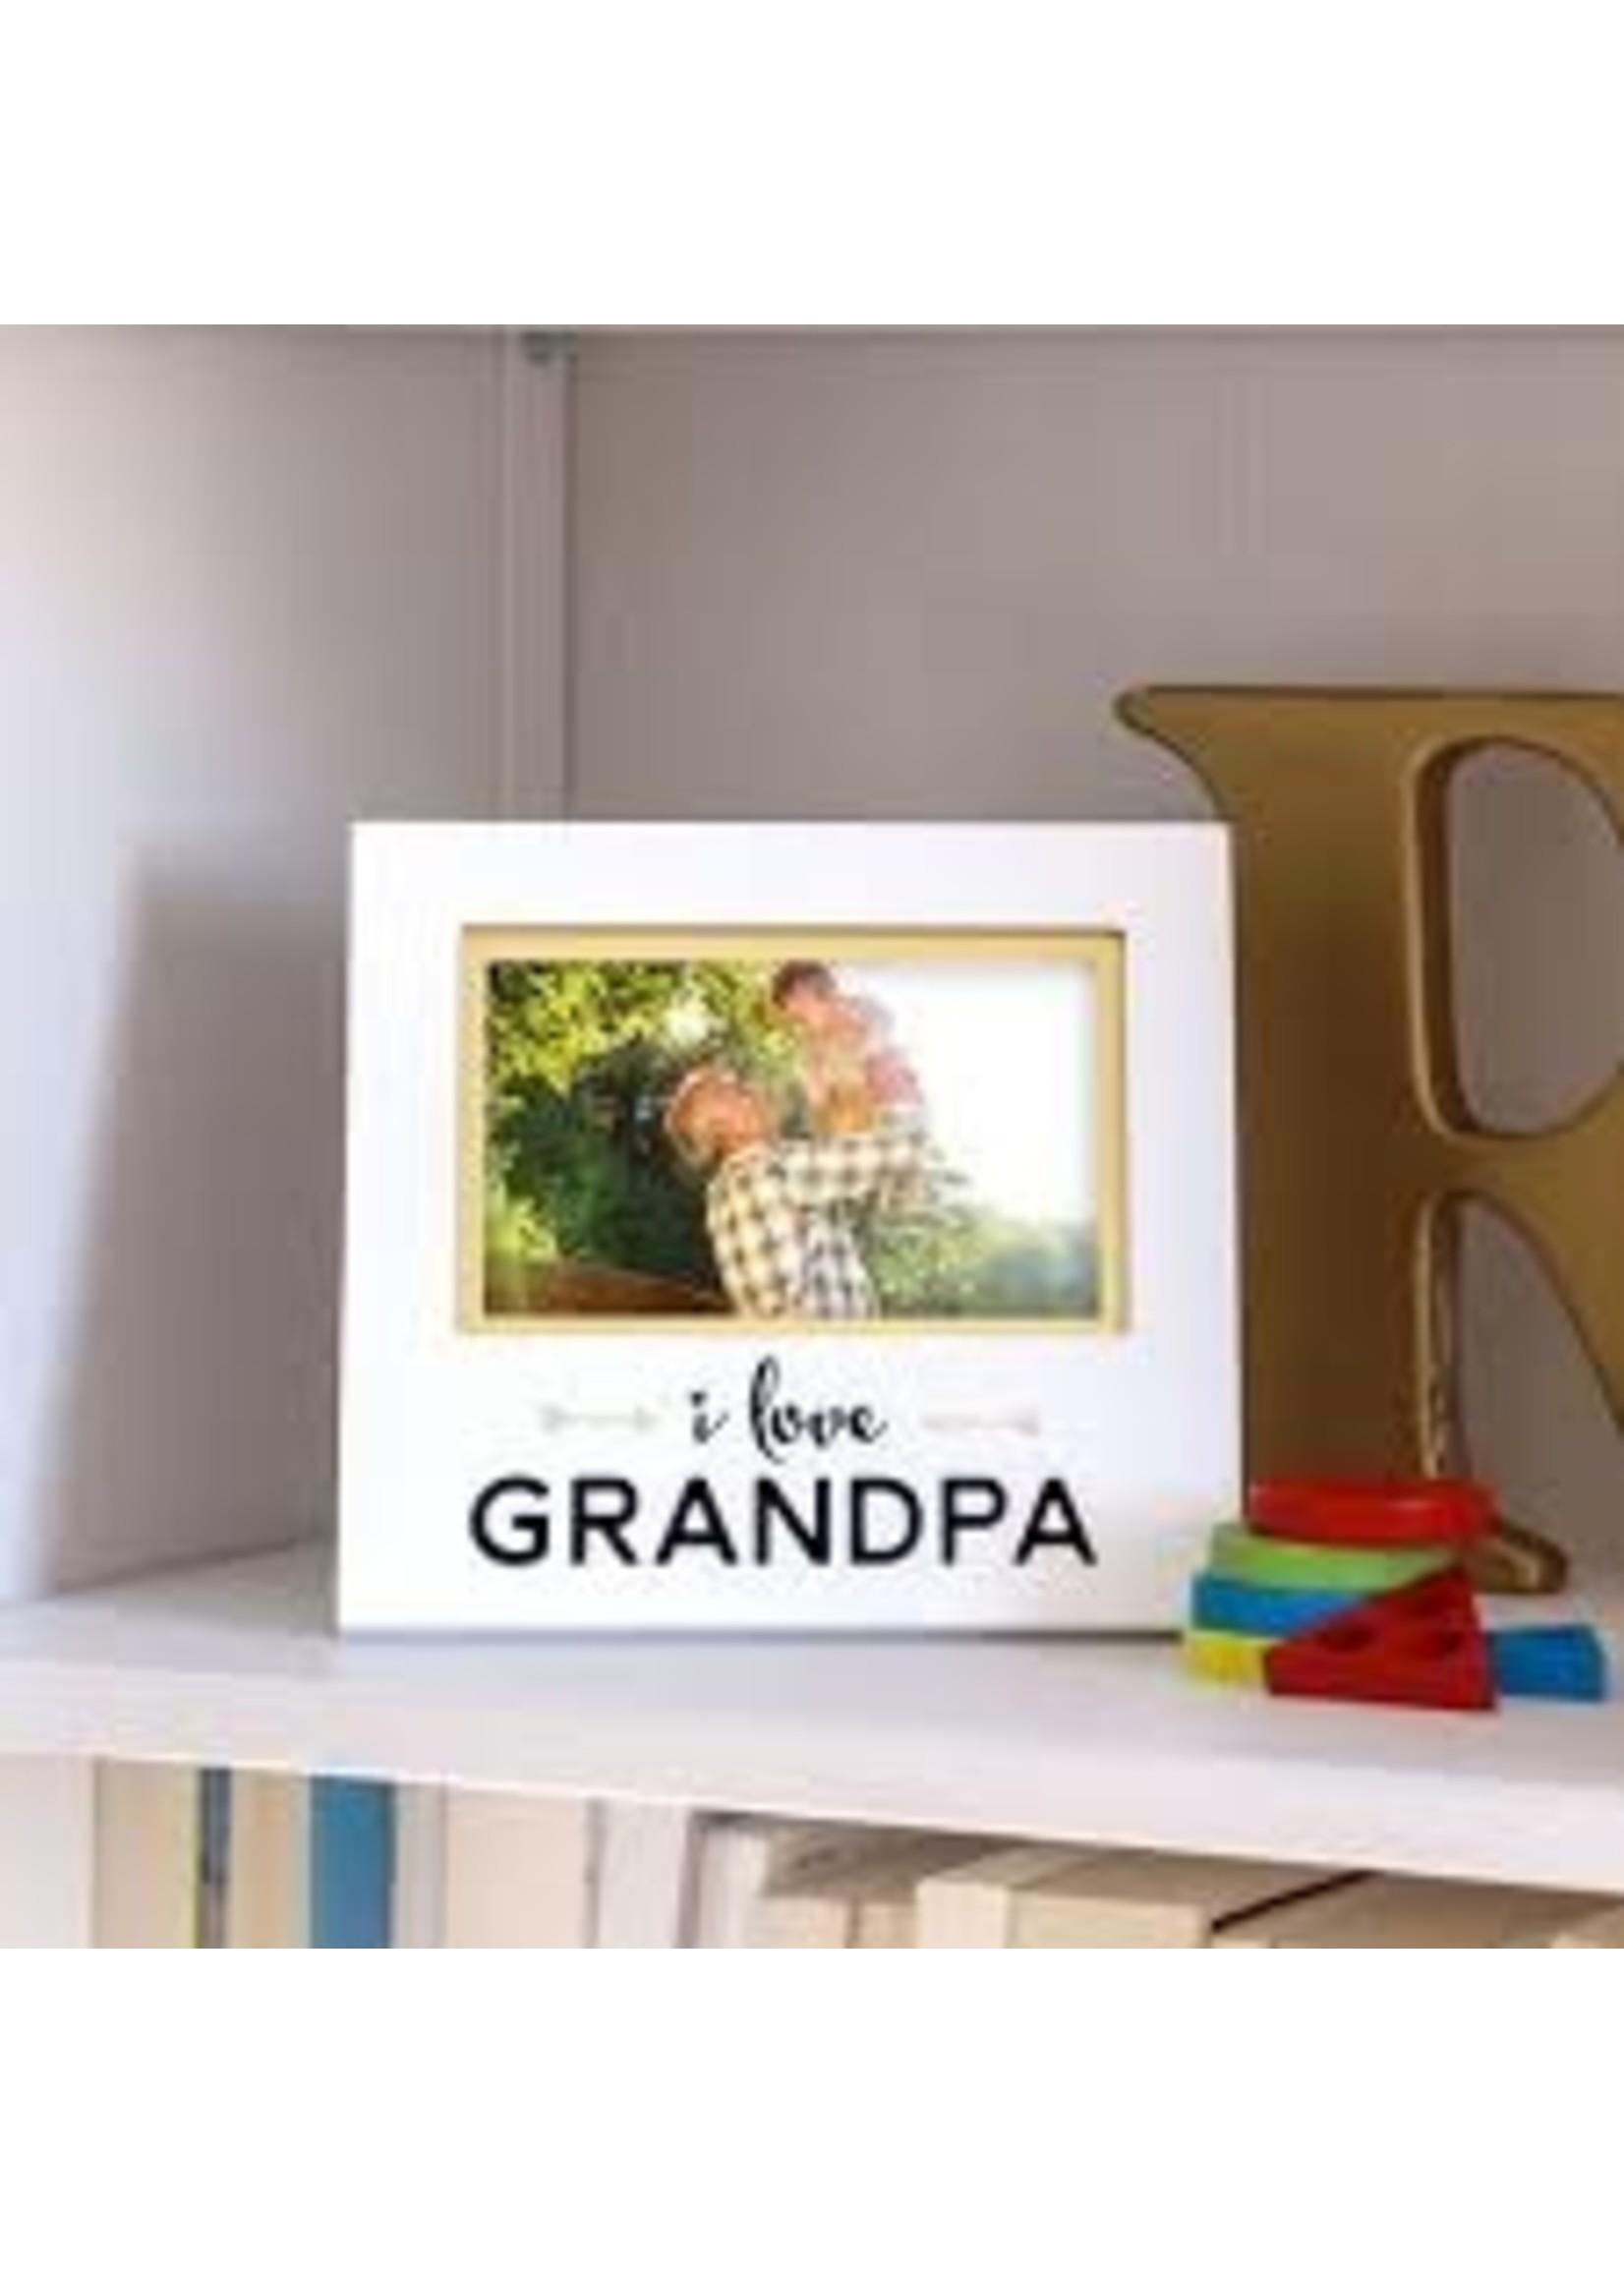 pearhead Pearhead grandpa frame